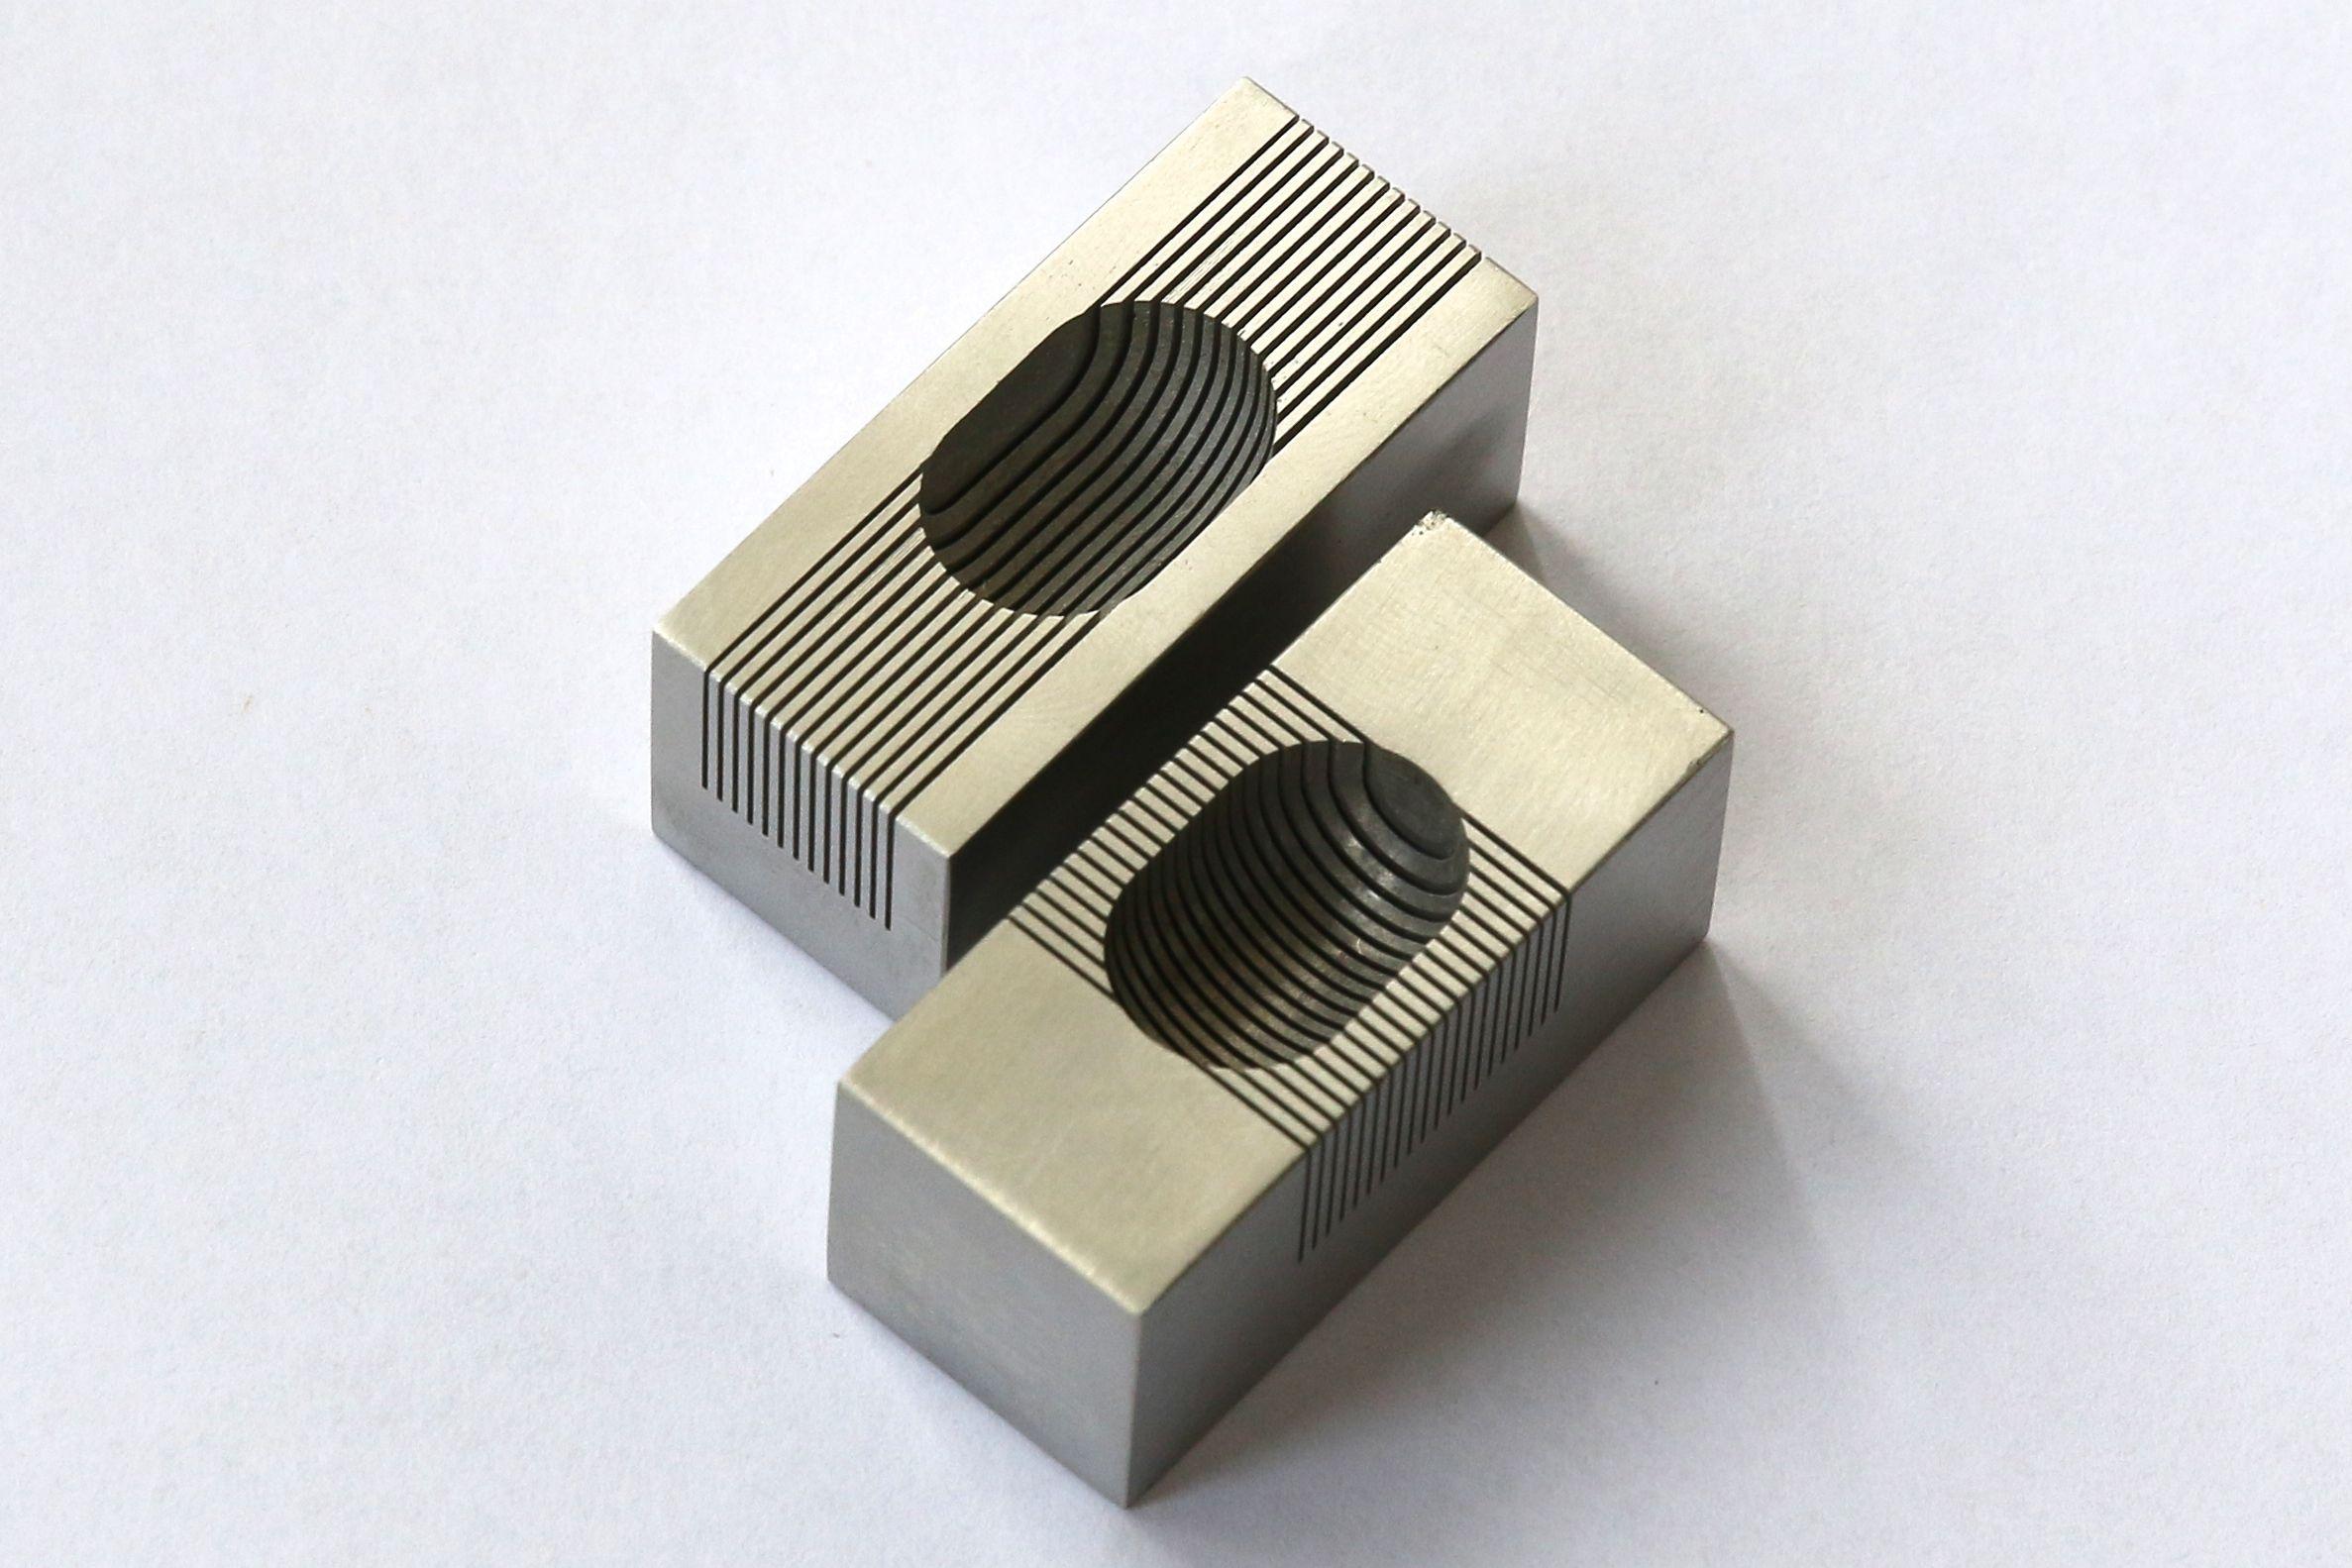 大鼠心脏切片模具(0.5mm矢状切片)